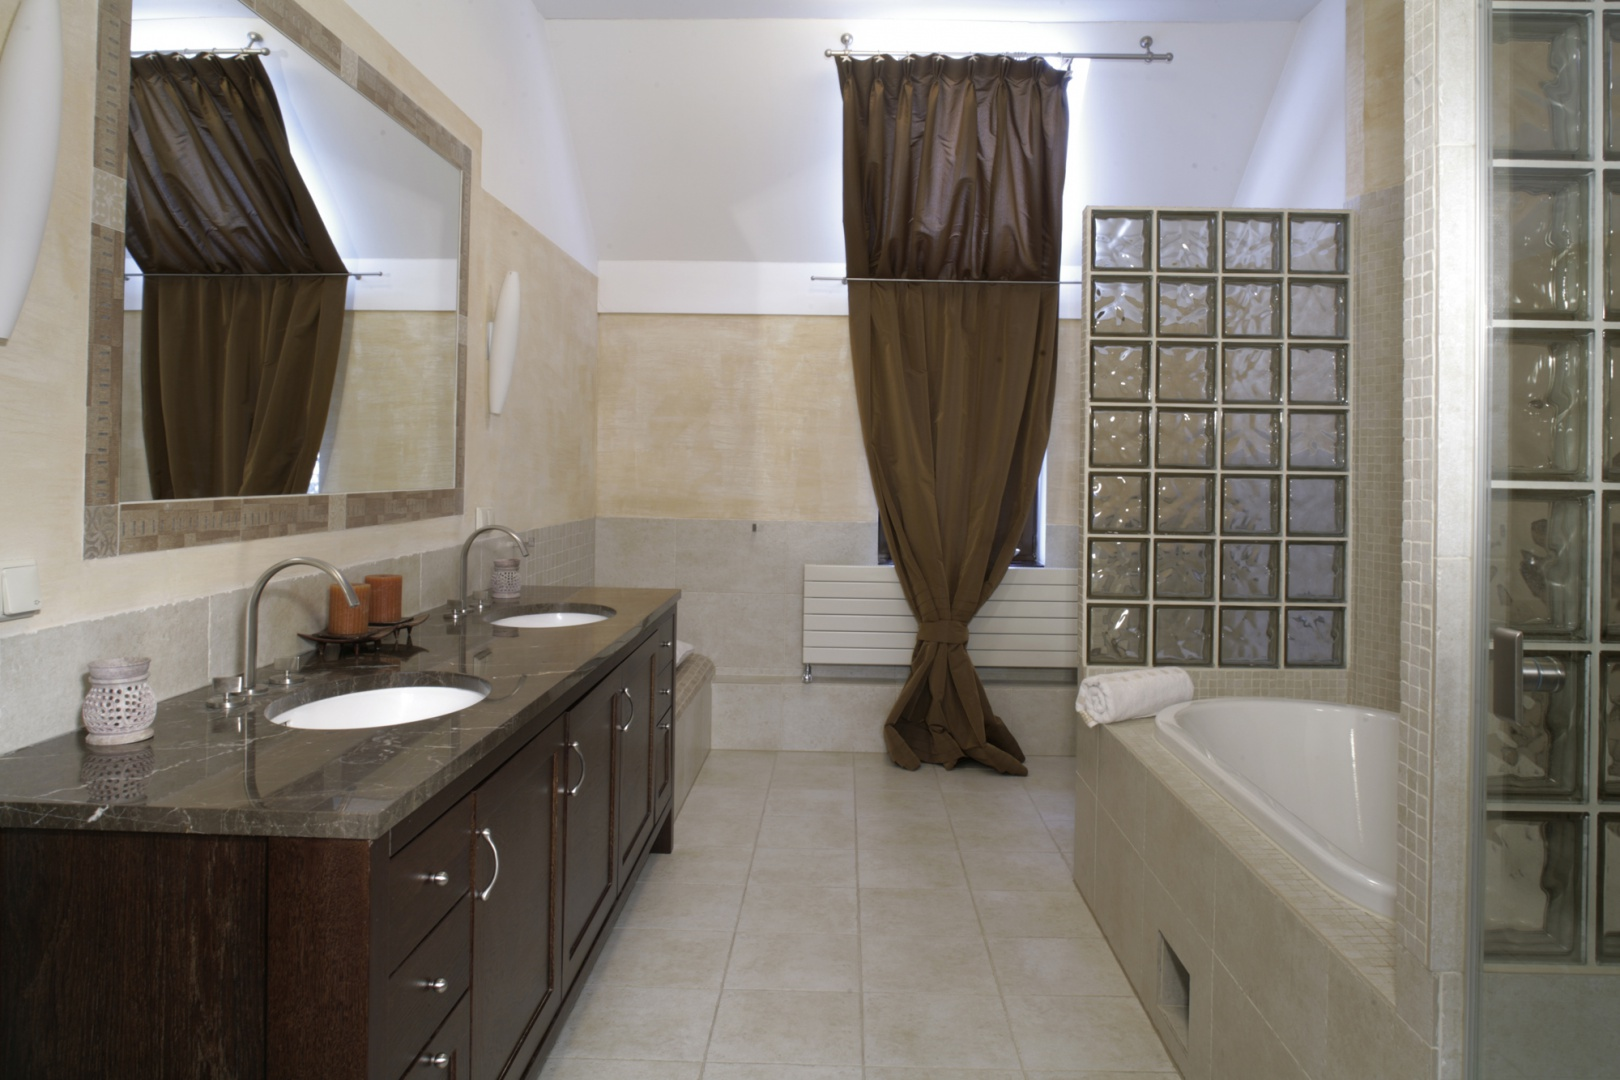 Dwie umywalki to standard w małżeńskiej łazience. Niezwykle elegancko prezentują się podwieszone pod marmurowym blatem na drewnianej komodzie. Fot. Monika Filipiuk.